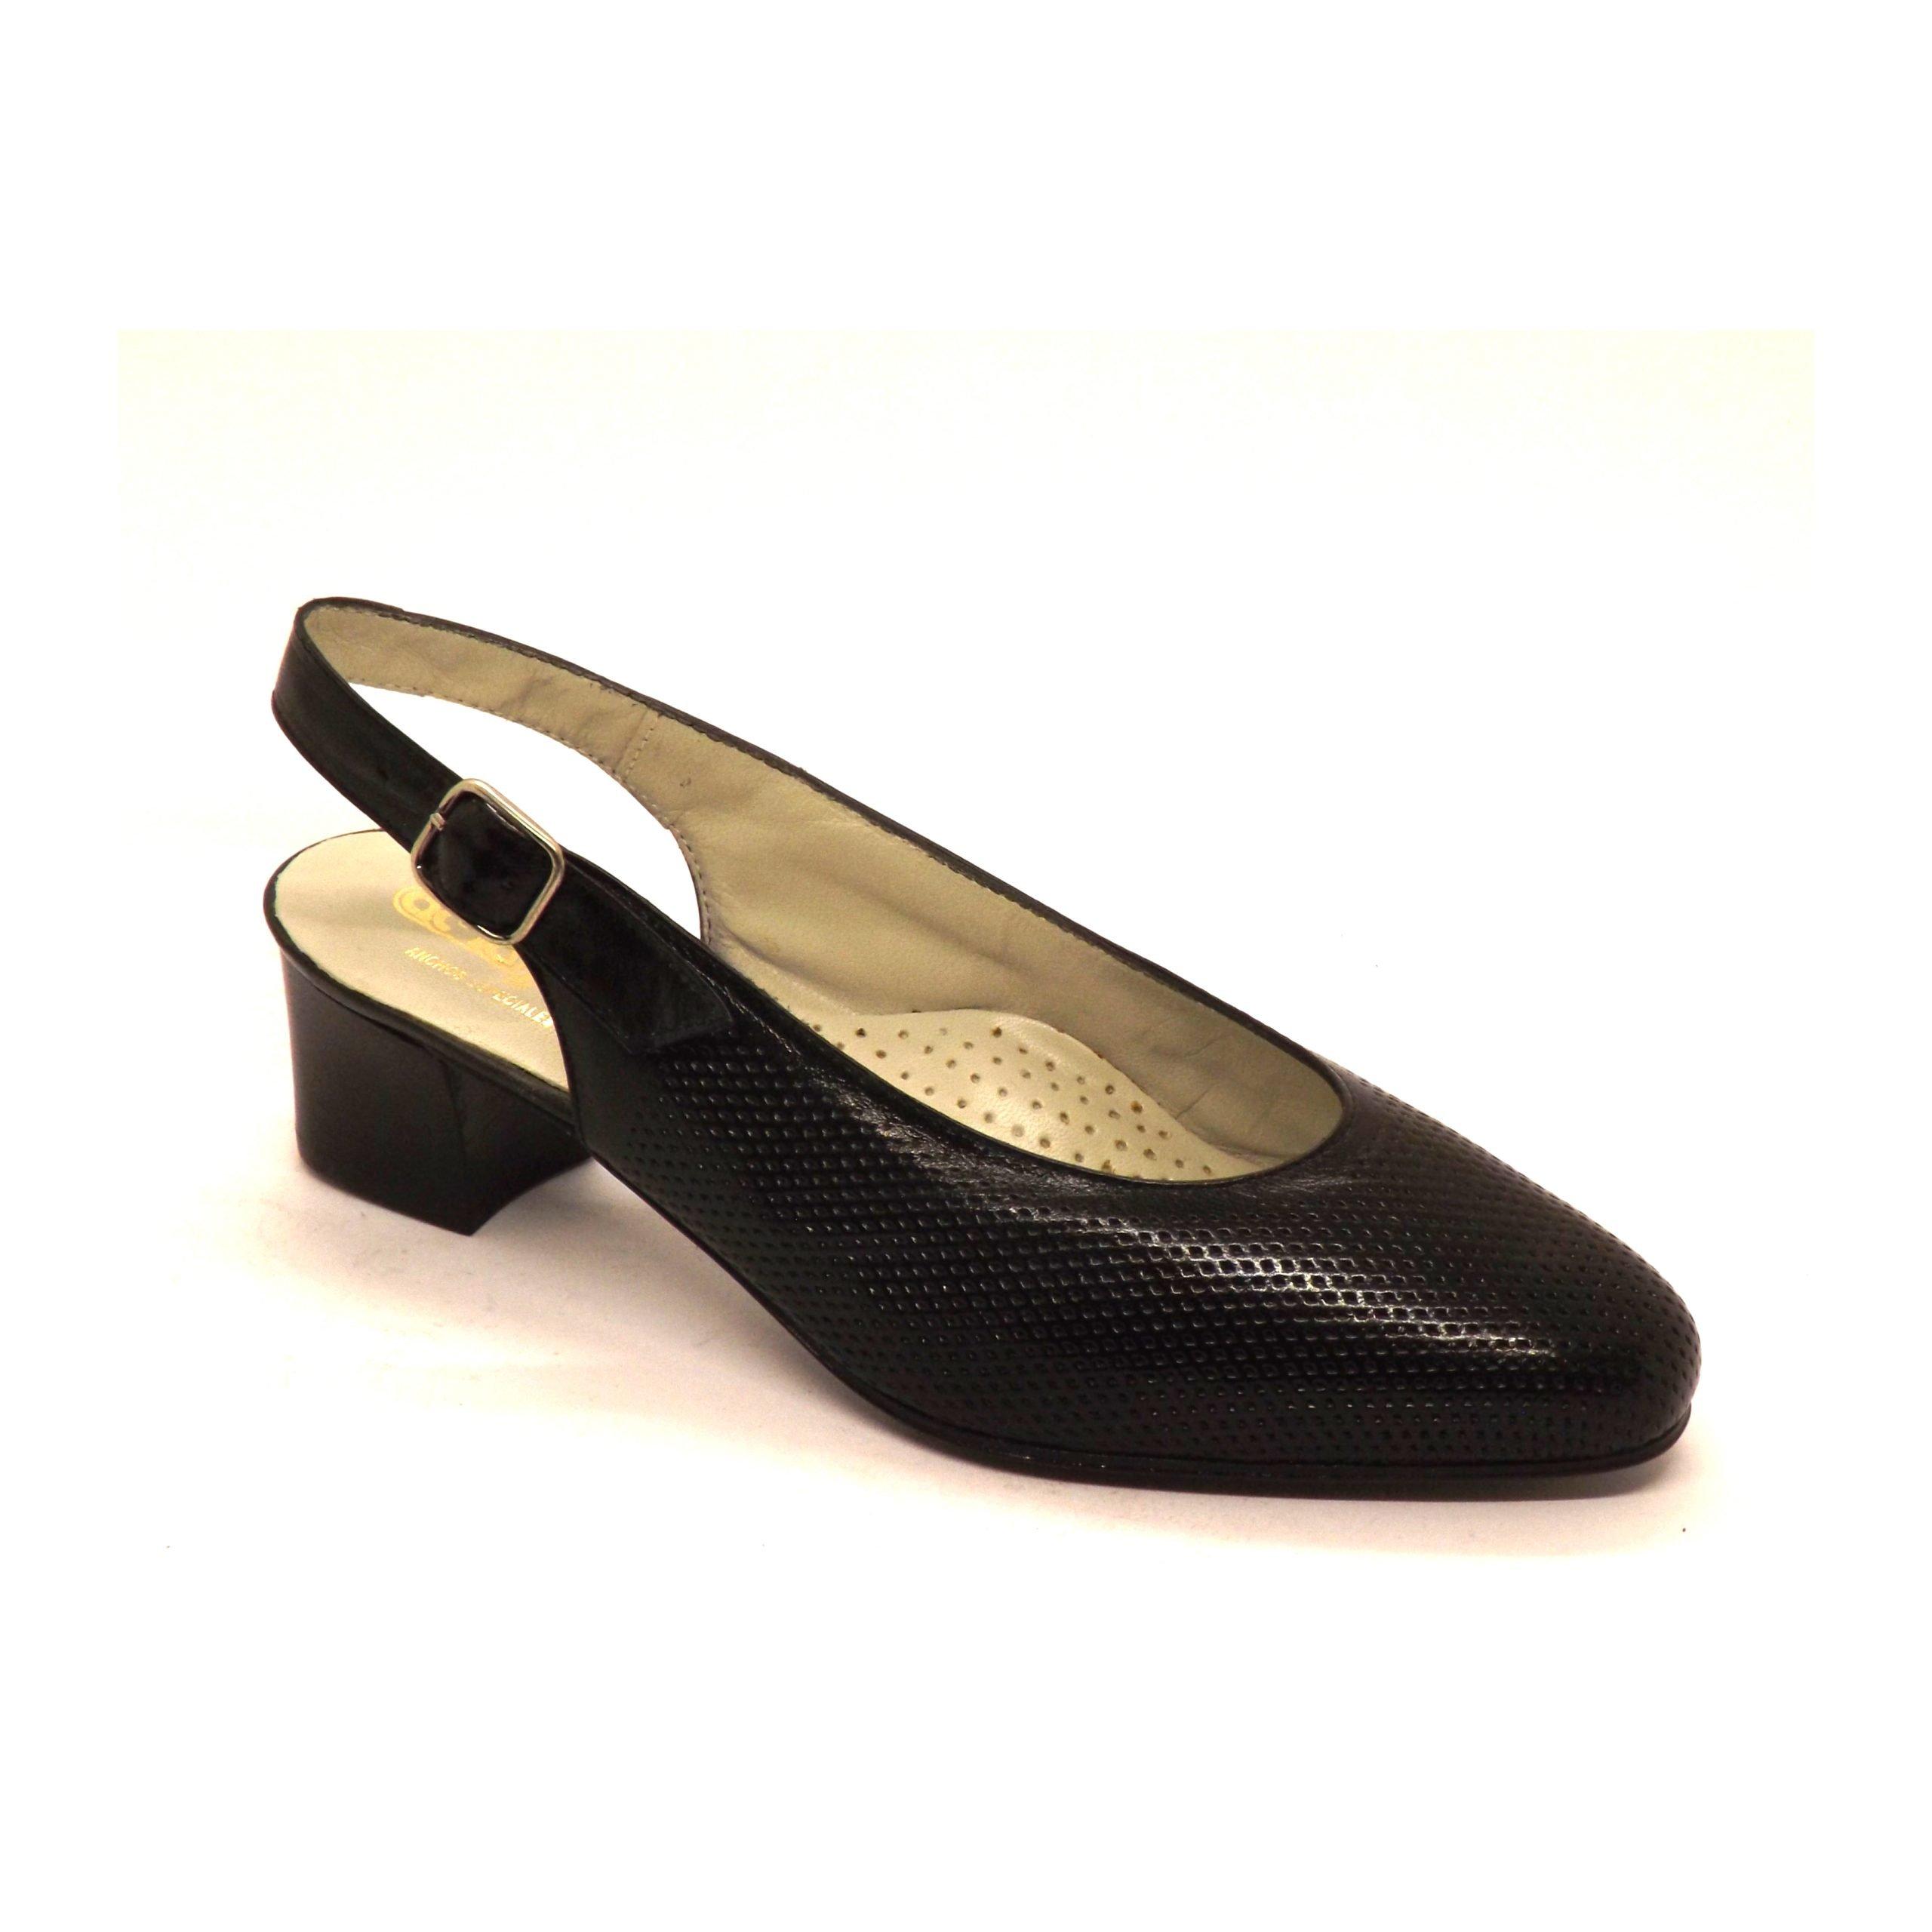 Zapato Semi-cerrado picado amarpies